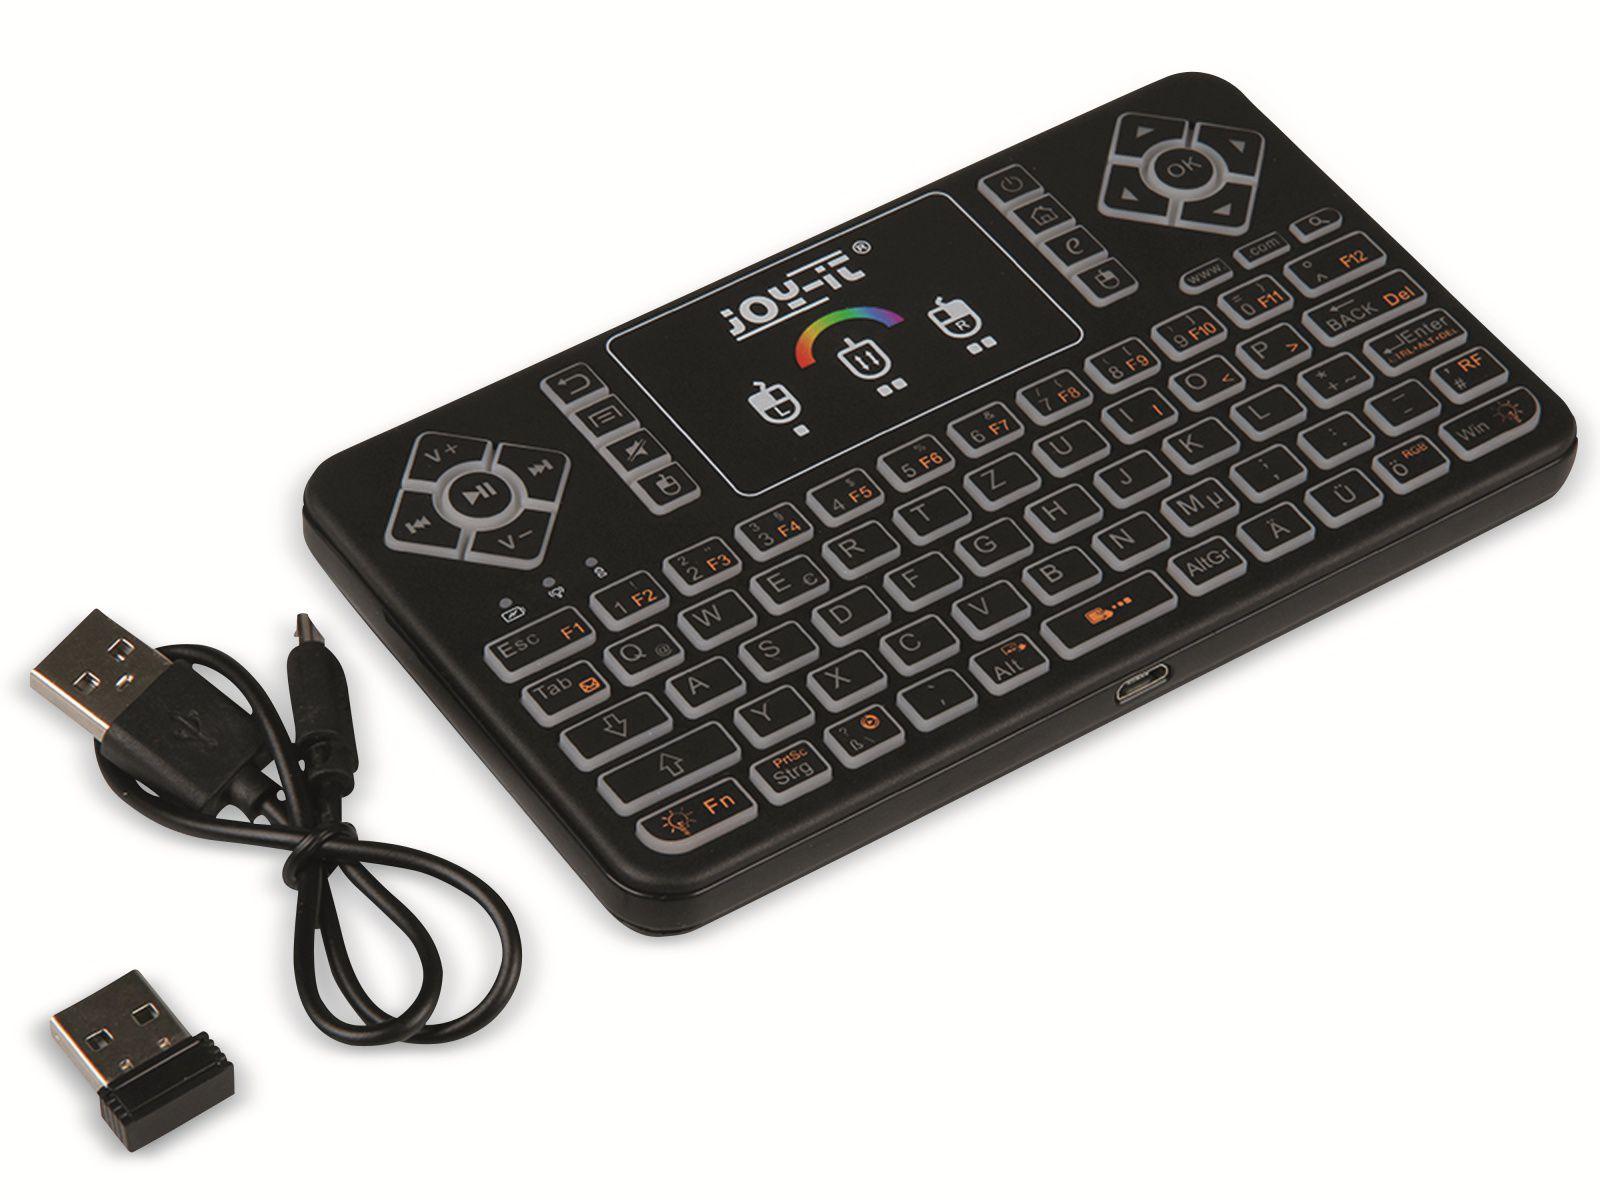 JOY iT Tasta Mini – Mini Wireless Keyboard